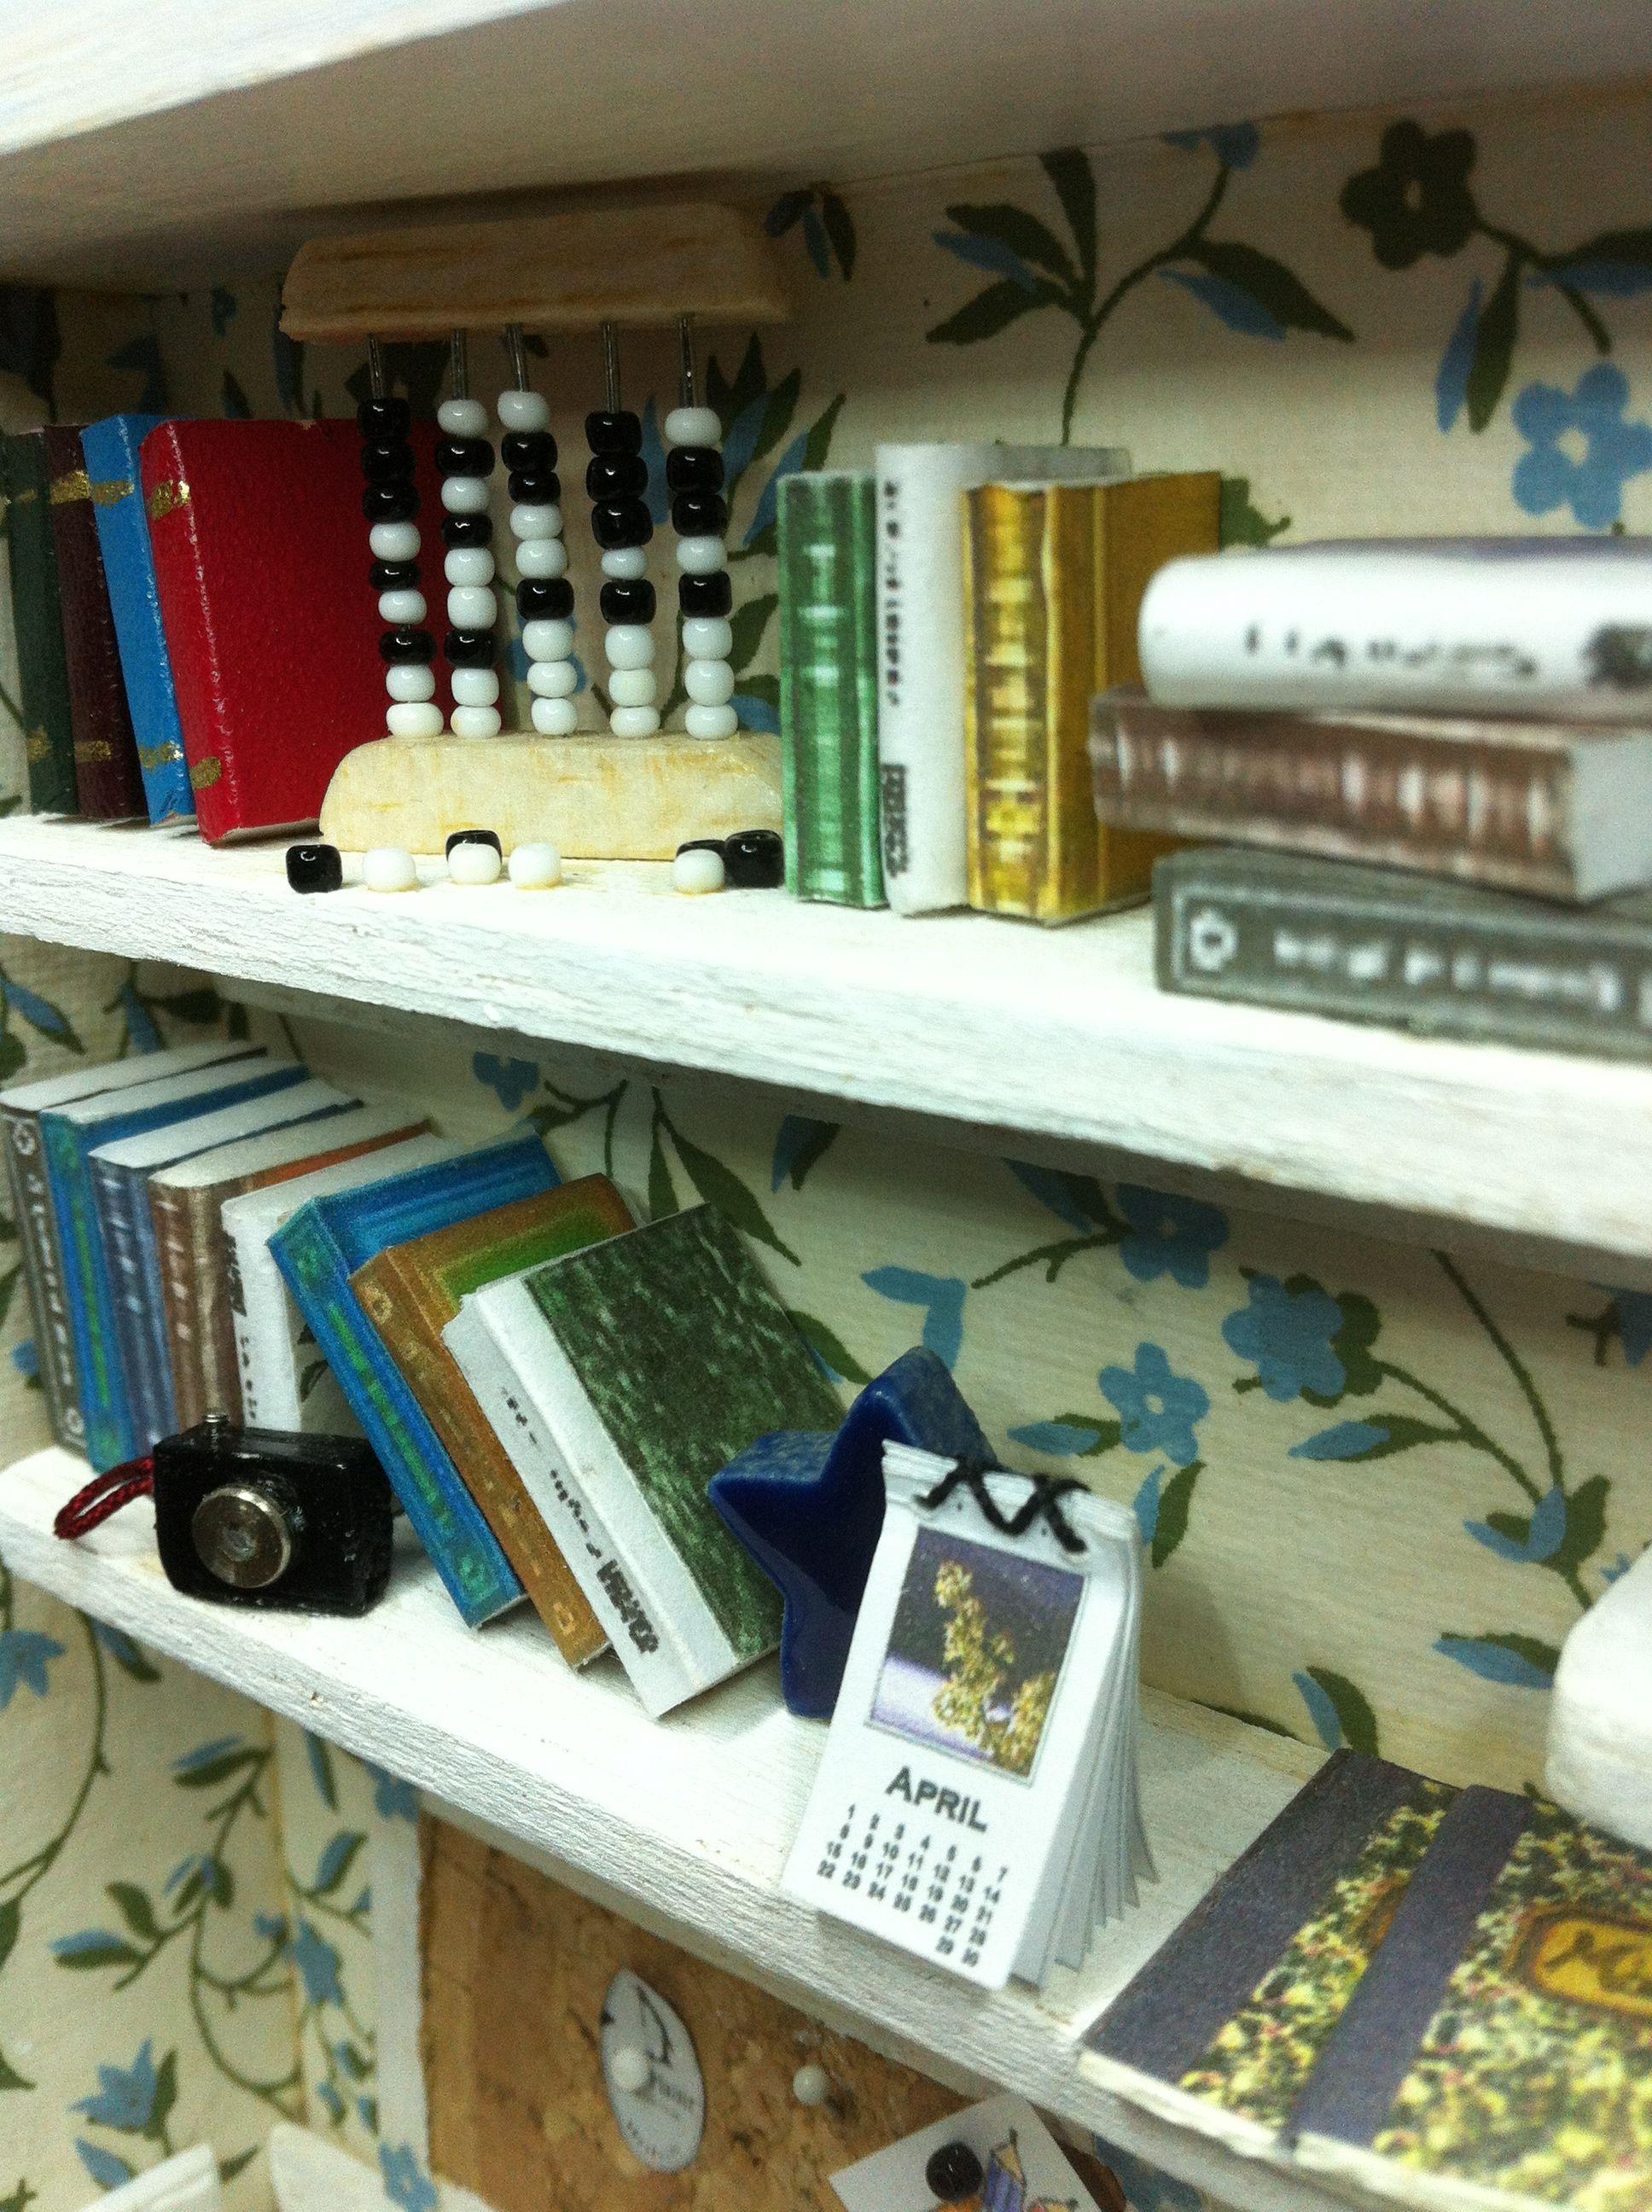 Books, camera and calendar .